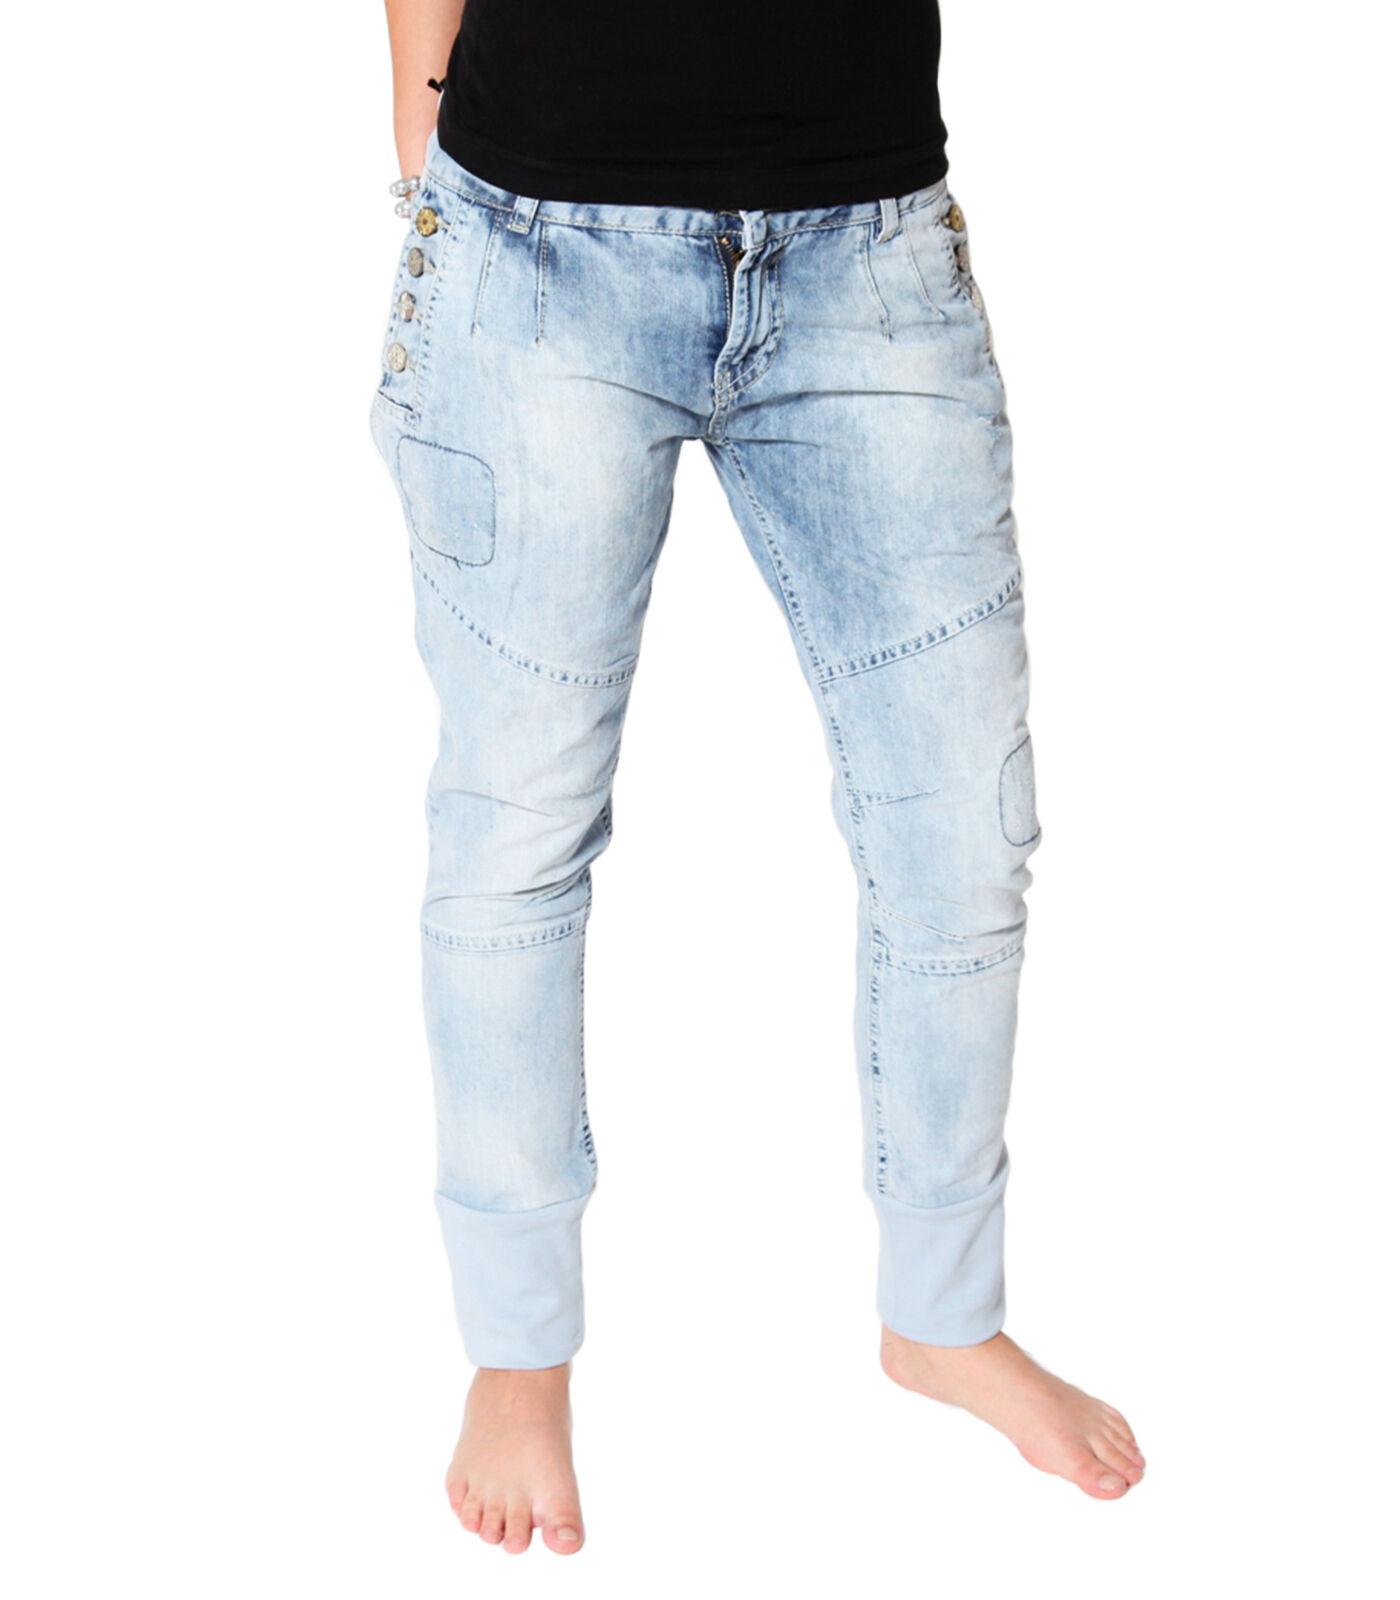 Hose Damen 7 Vsct Ankle Jeans Röhre Boyfriend Denim Used 8 Utfjk1lc3 QrdtsCh